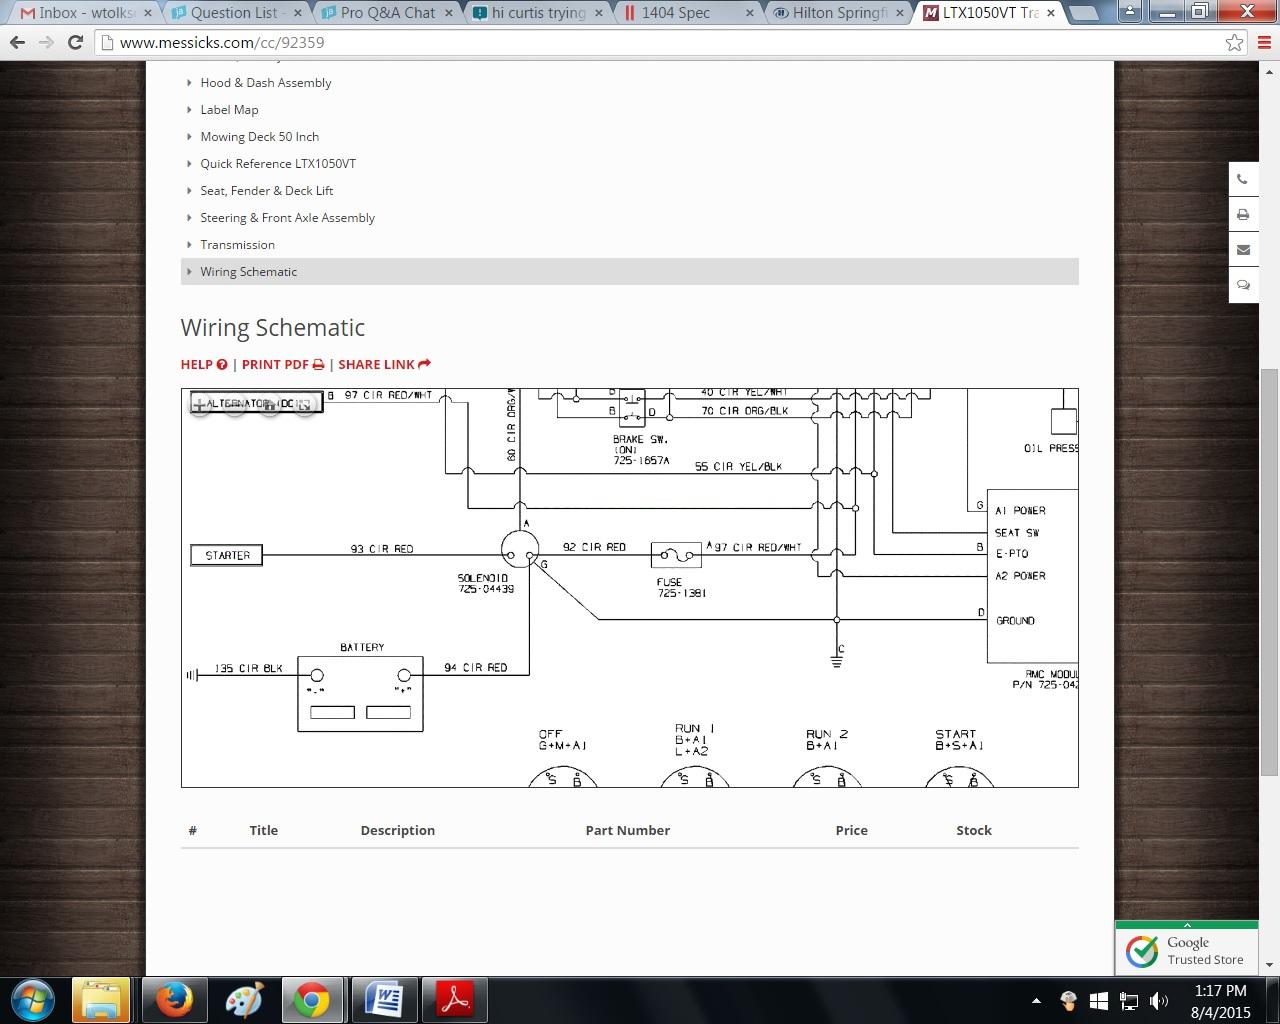 def4c525-fca1-421c-894b-b92dbef43d29_fuse.jpg